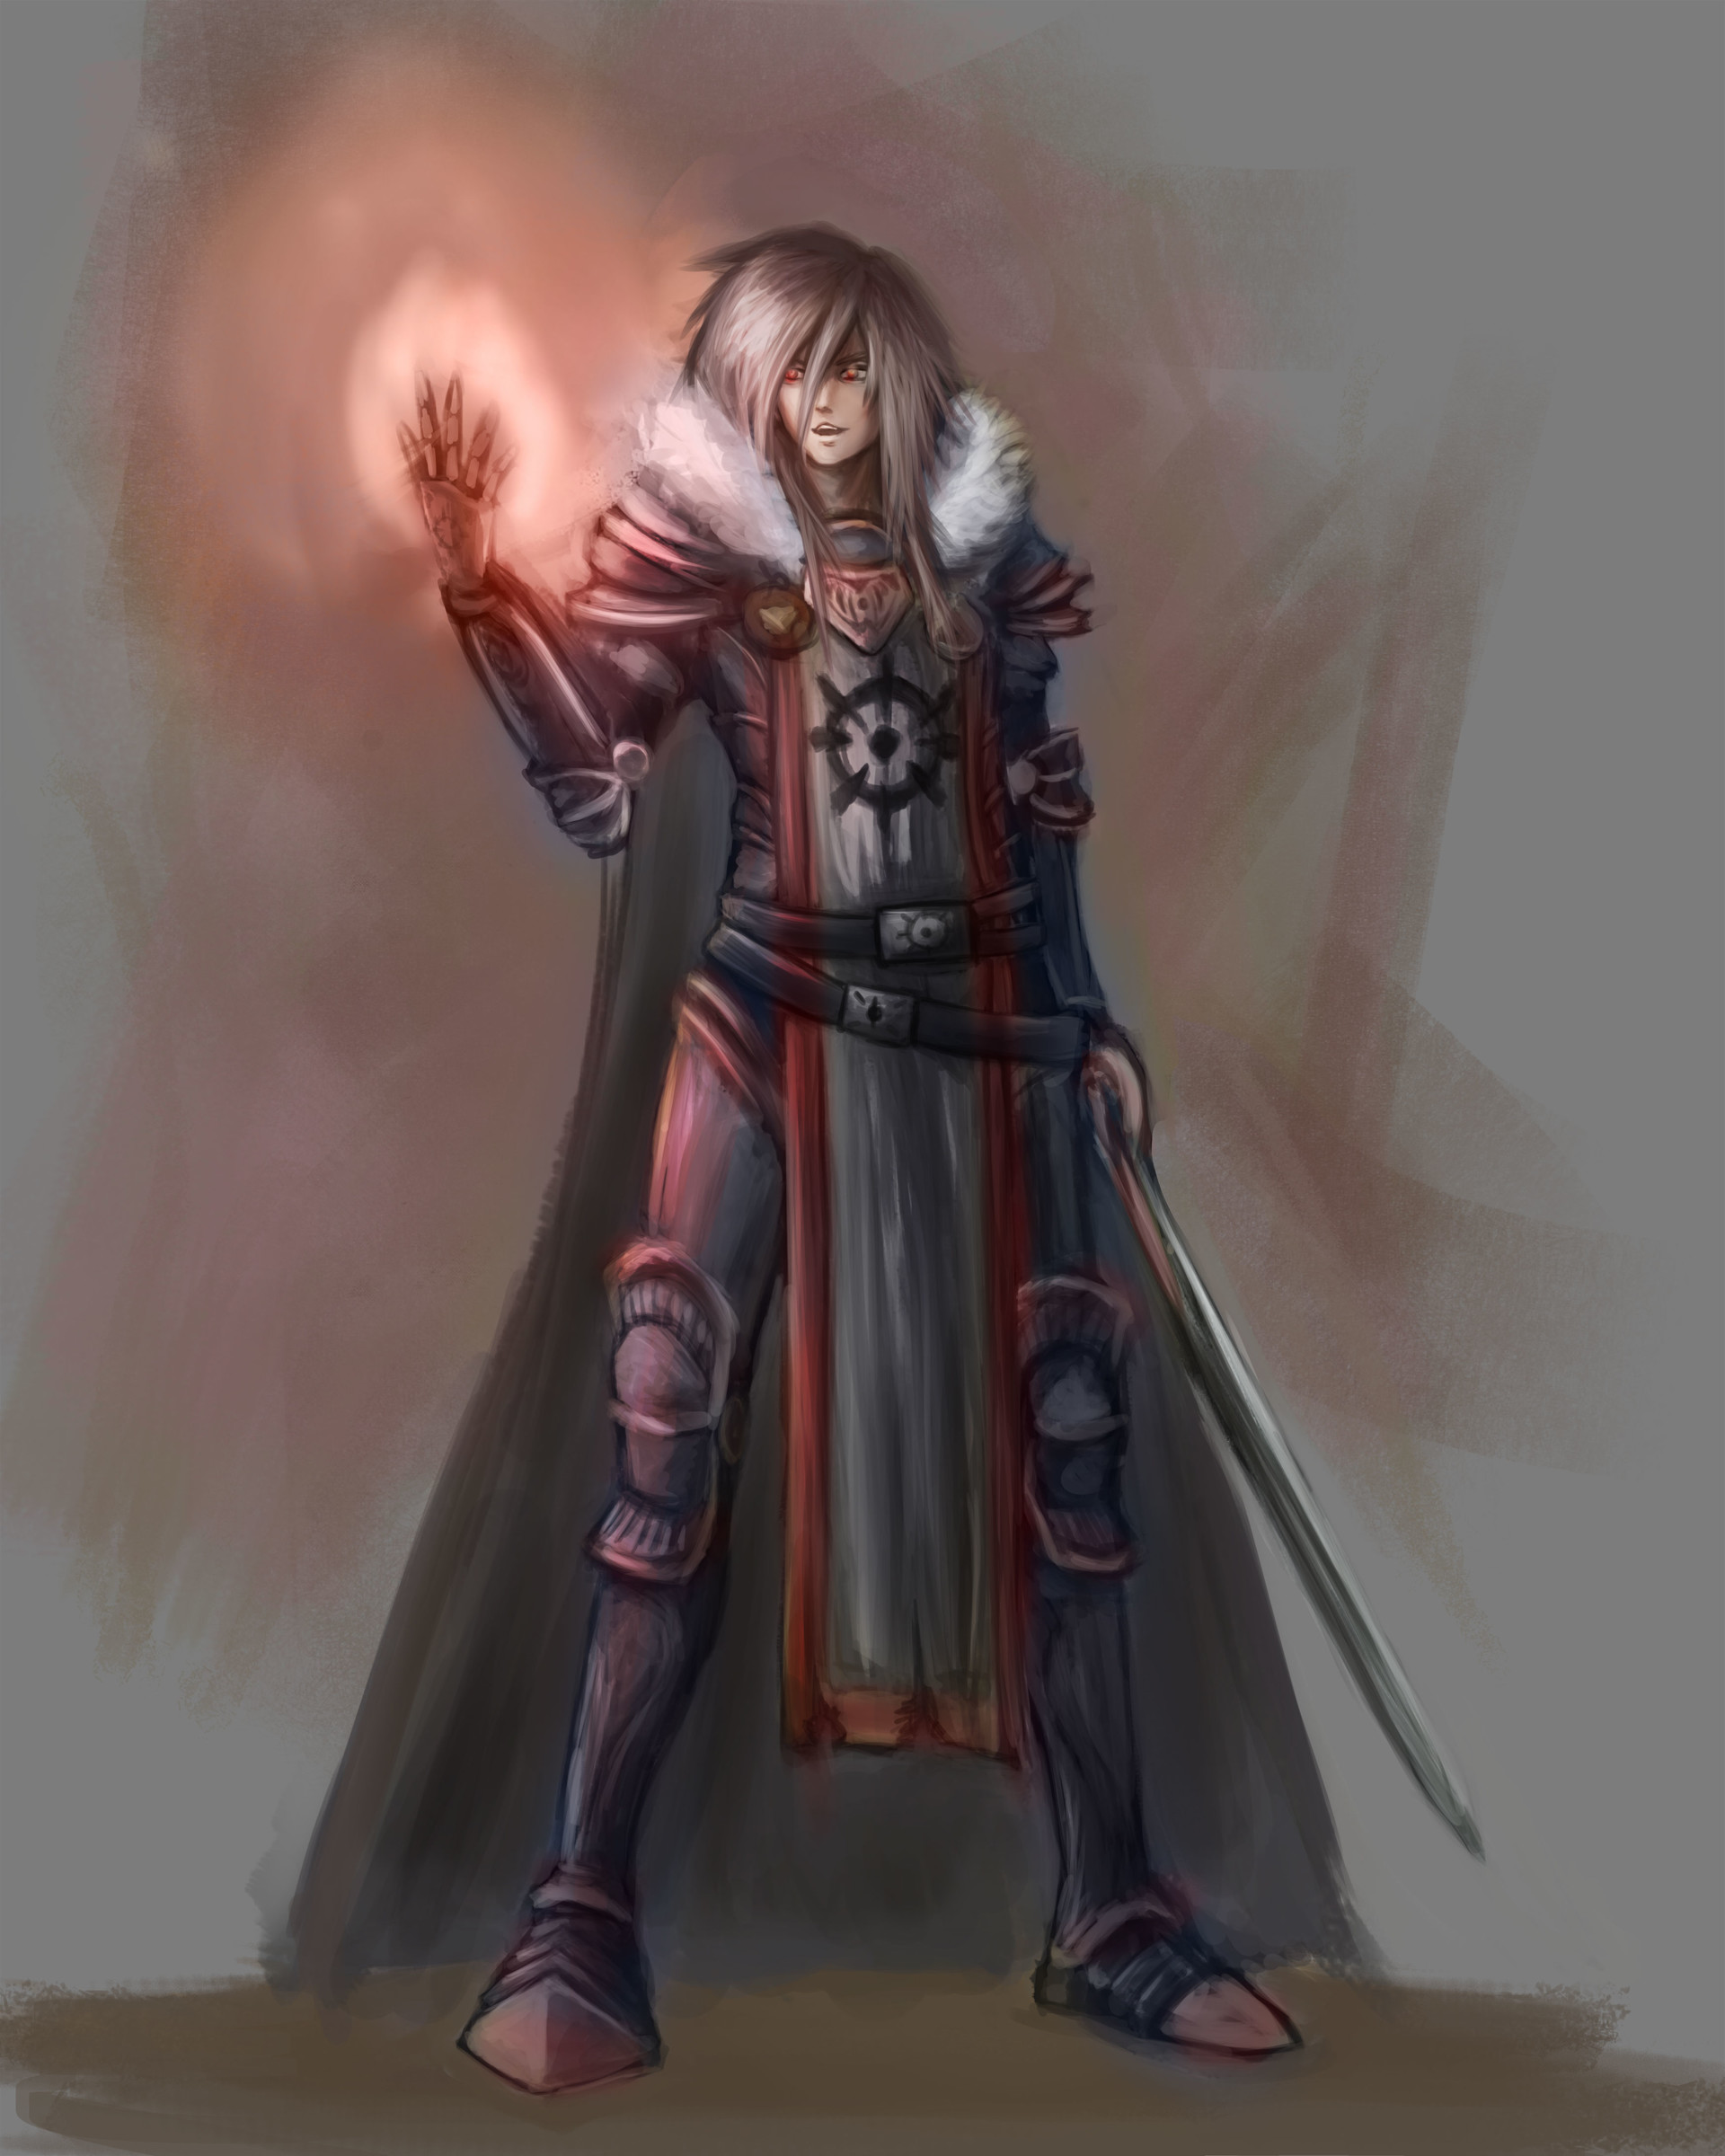 Dix shou magic knight color 2